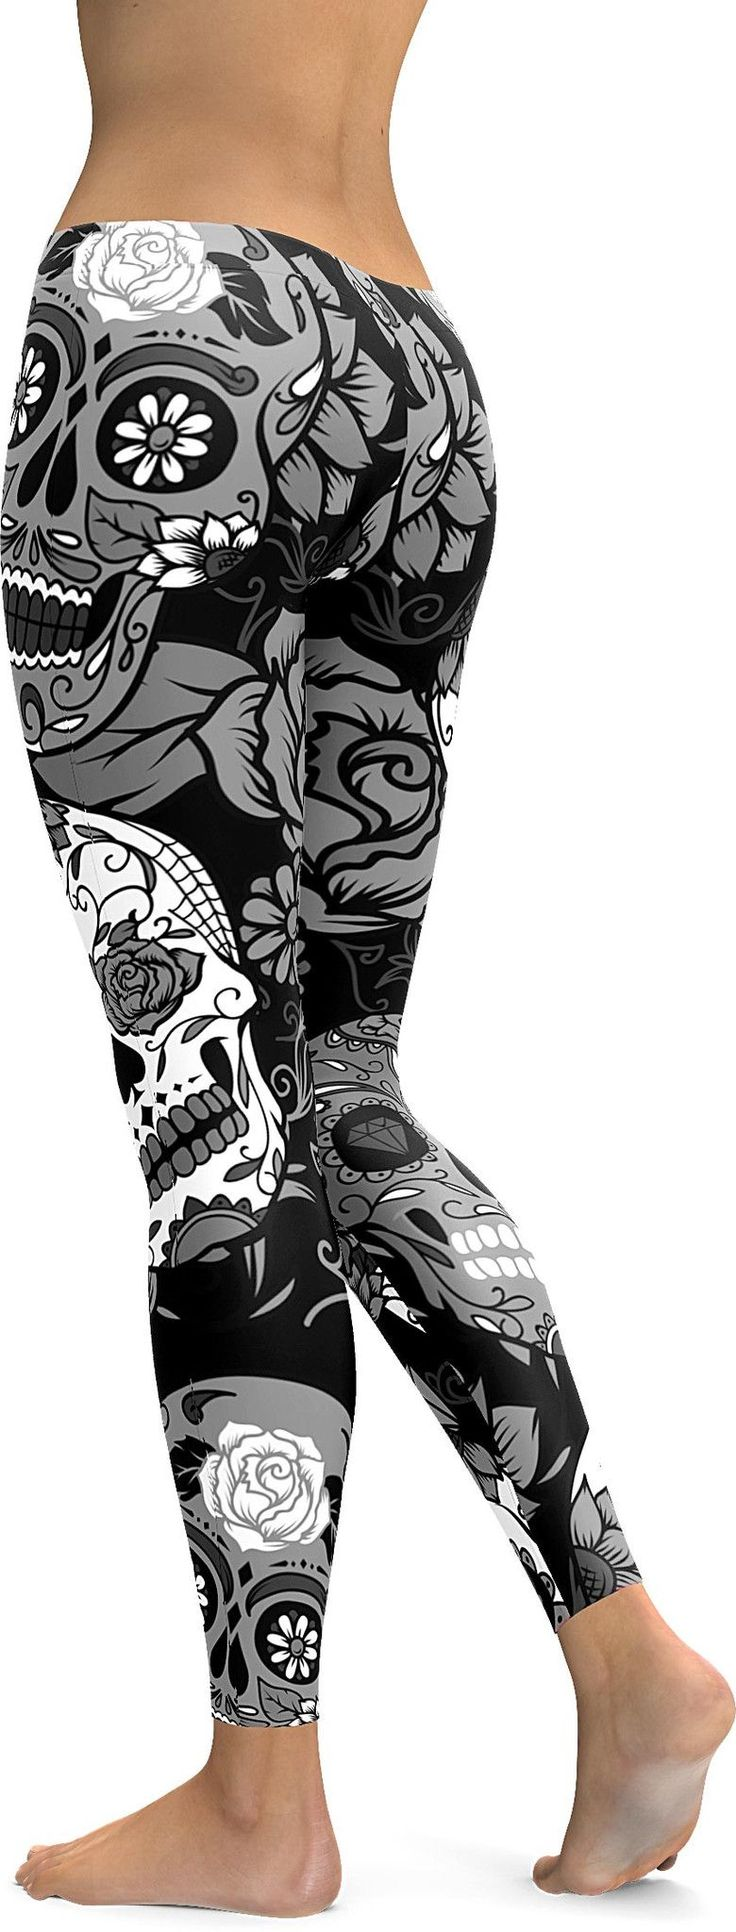 Black & White Sugar Skull Leggings - GearBunch Leggings / Yoga Pants